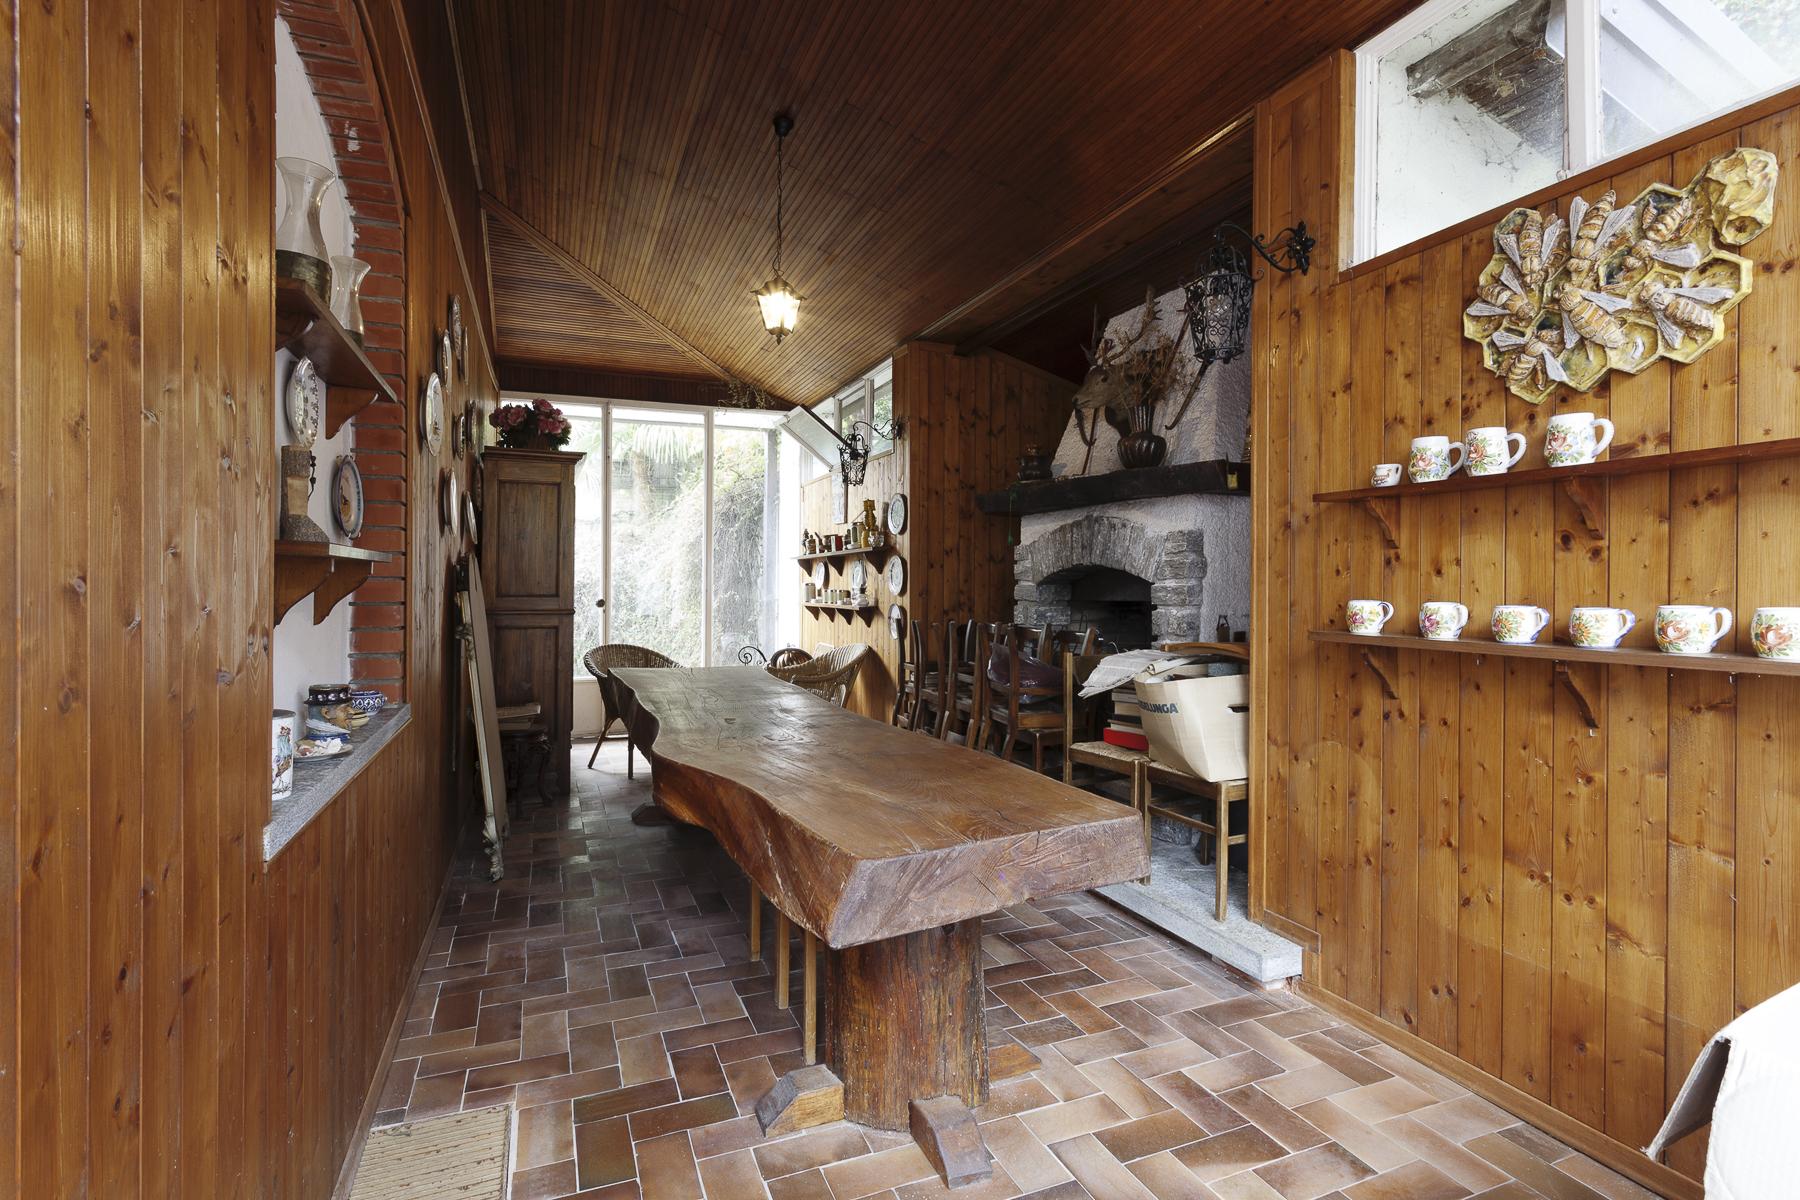 Villa in Vendita a Nebbiuno: 5 locali, 370 mq - Foto 16